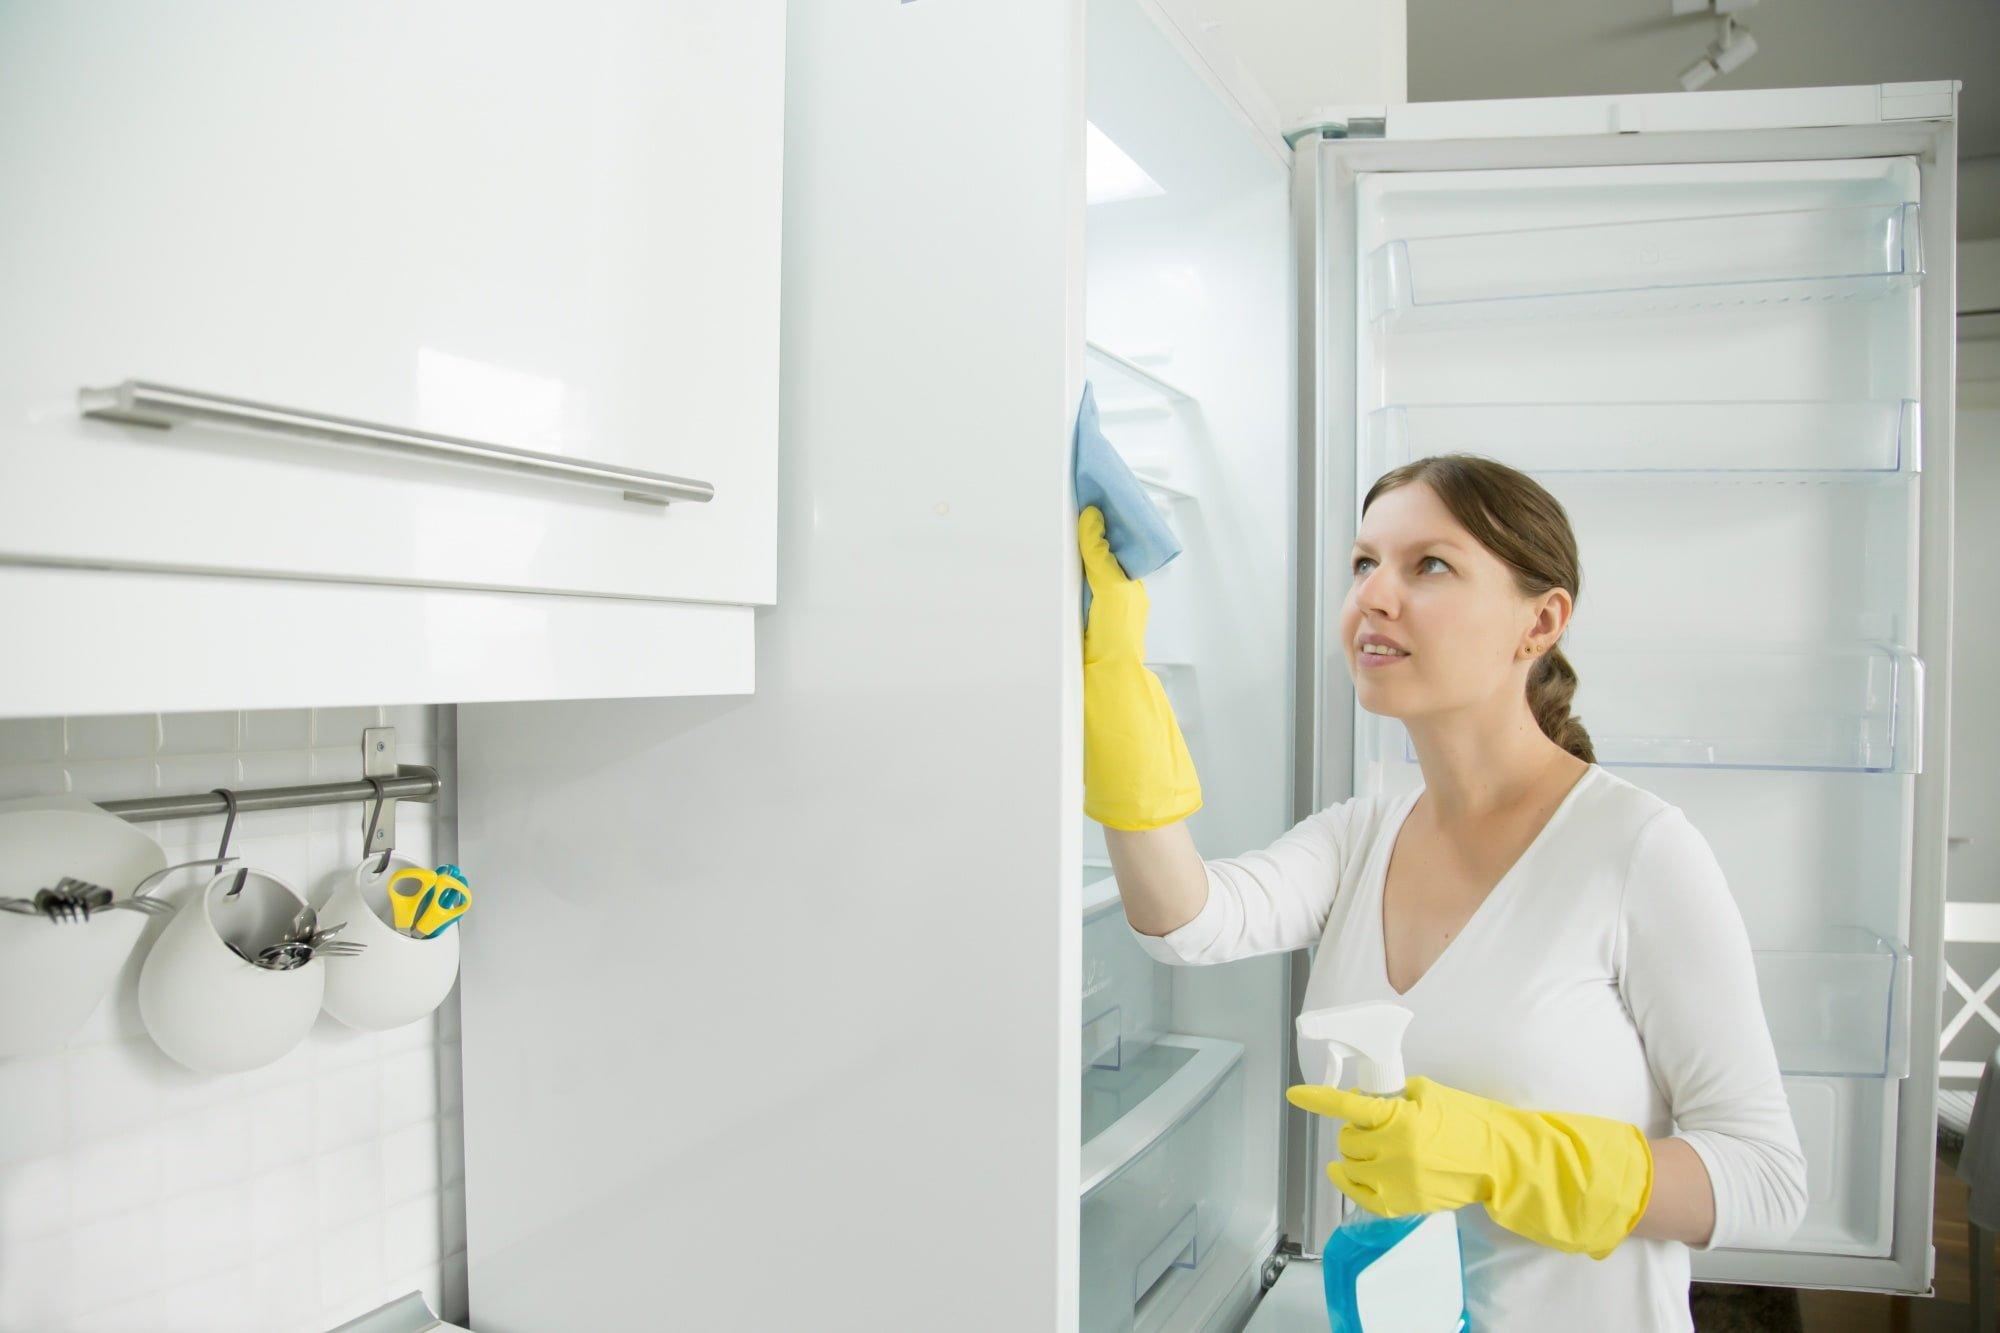 Подруга плачется, холодильник сломался после разморозки Советы,Кухня,Лайфхаки,Продукты,Разморозка,Хозяйство,Холодильник